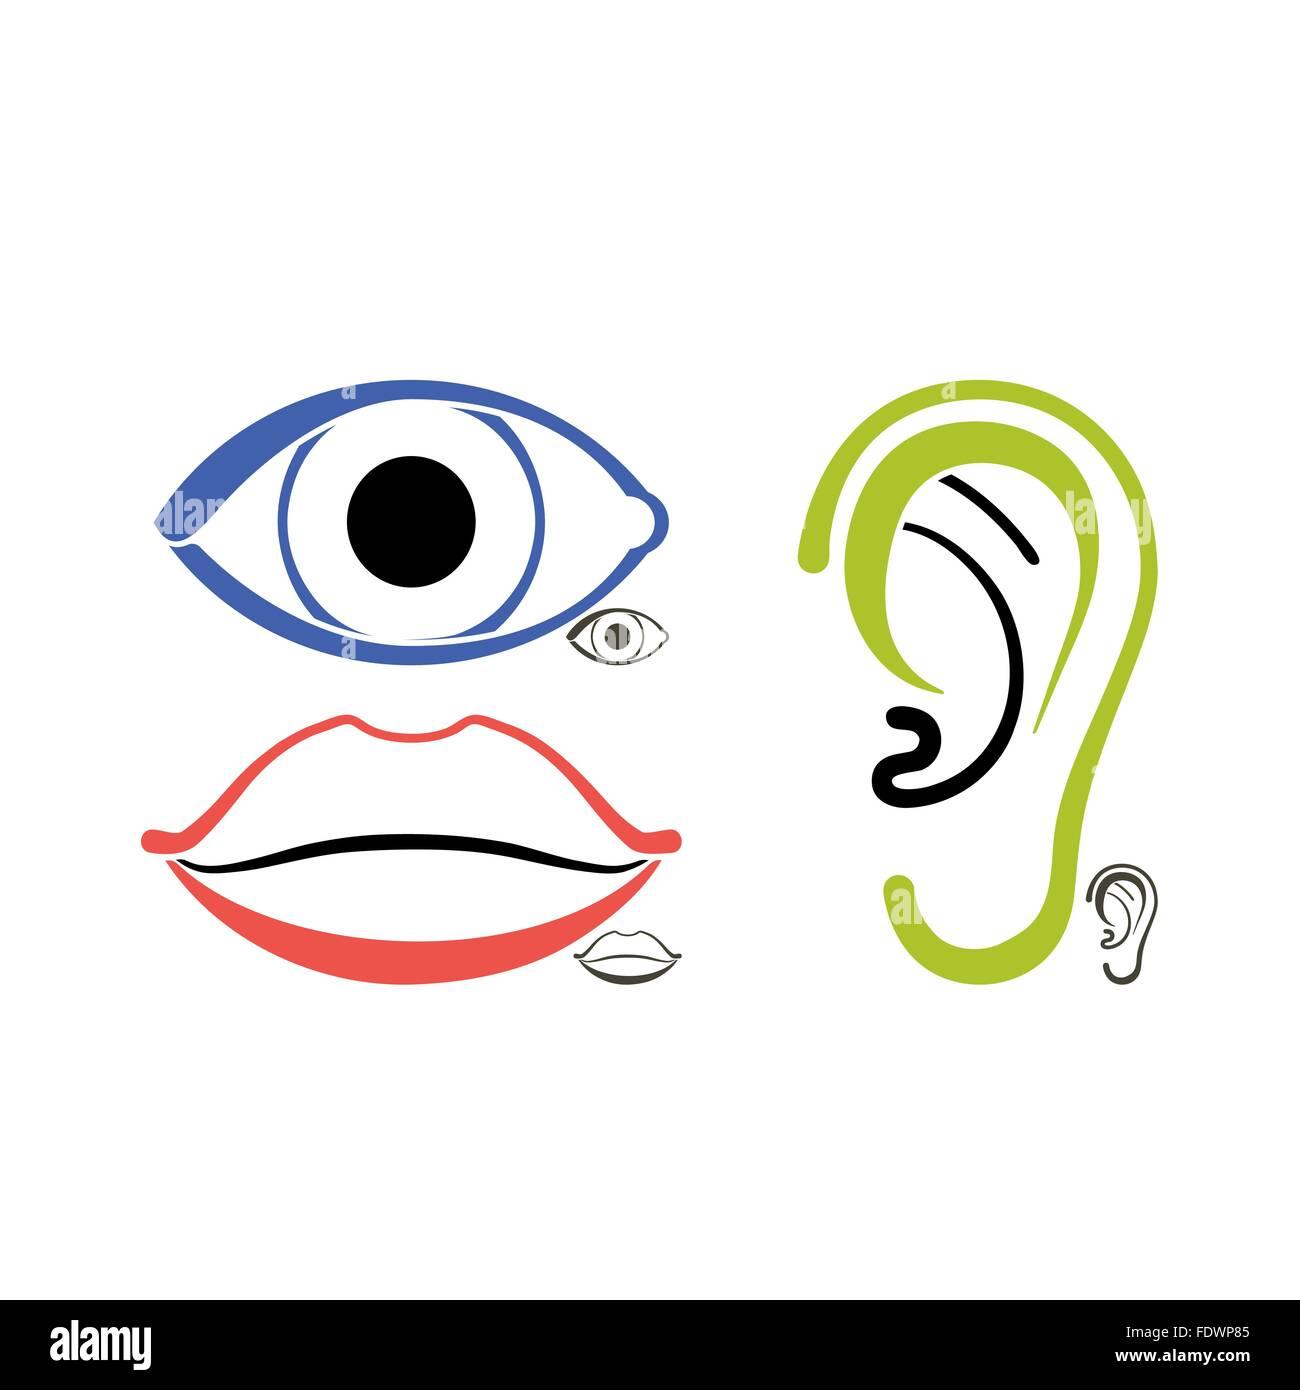 Eye Drawing Medical Stockfotos & Eye Drawing Medical Bilder - Alamy